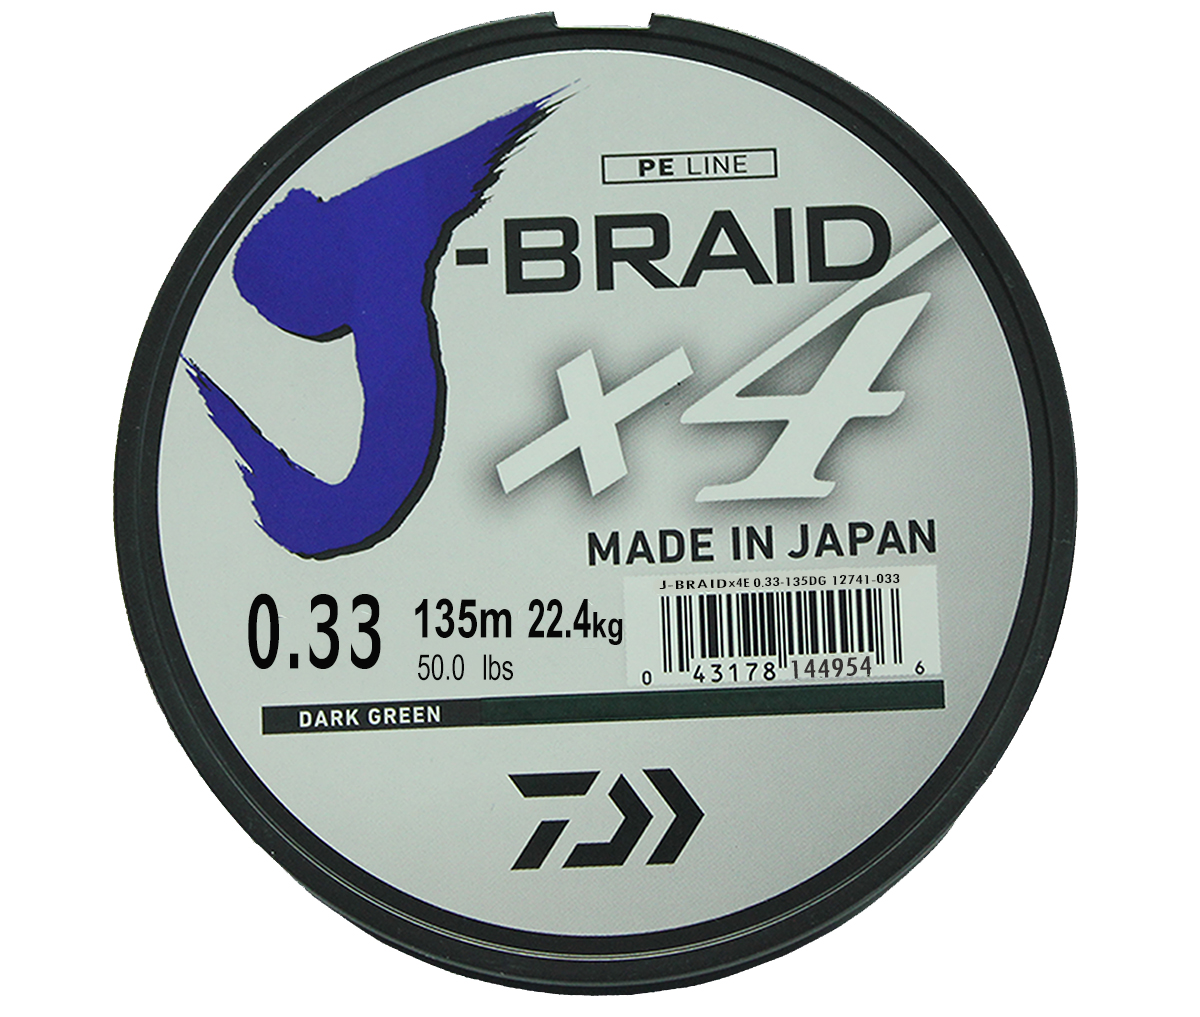 Шнур плетеный Daiwa J-Braid X4, цвет: зеленый, 135 м, 0,33 мм61167Новый четырехжильный шнур J-Braid от Daiwa - шнур высокого класса с удивительным соотношением цены и качества. Качество плетения полностью соответствует японским стандартам и удовлетворяет всем требованиям. Представленные диаметры позволяют использовать шнур для всех техник ловли, начиная от Ultra-Light ловли окуня, до морской ловли палтуса, трески и так далее.